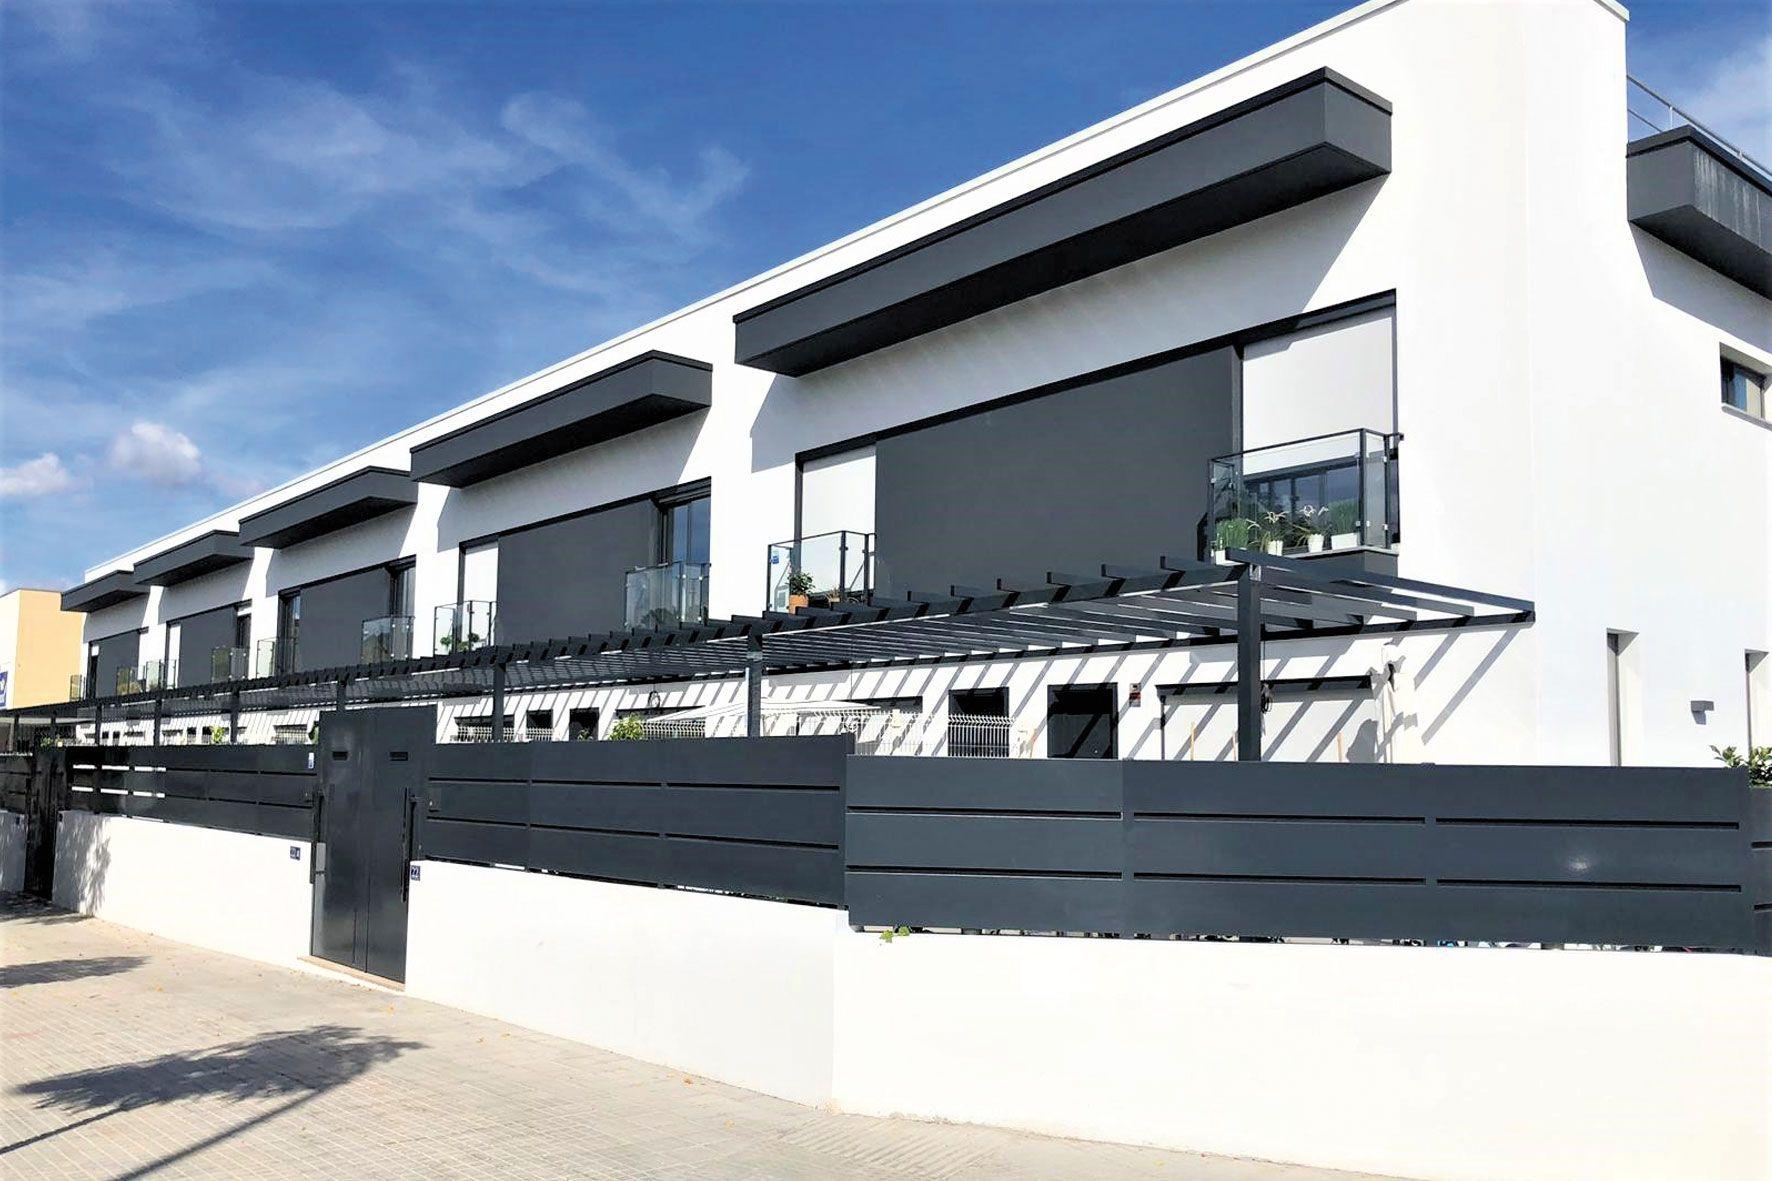 Casa / Chalet en Palma, la vileta, venta